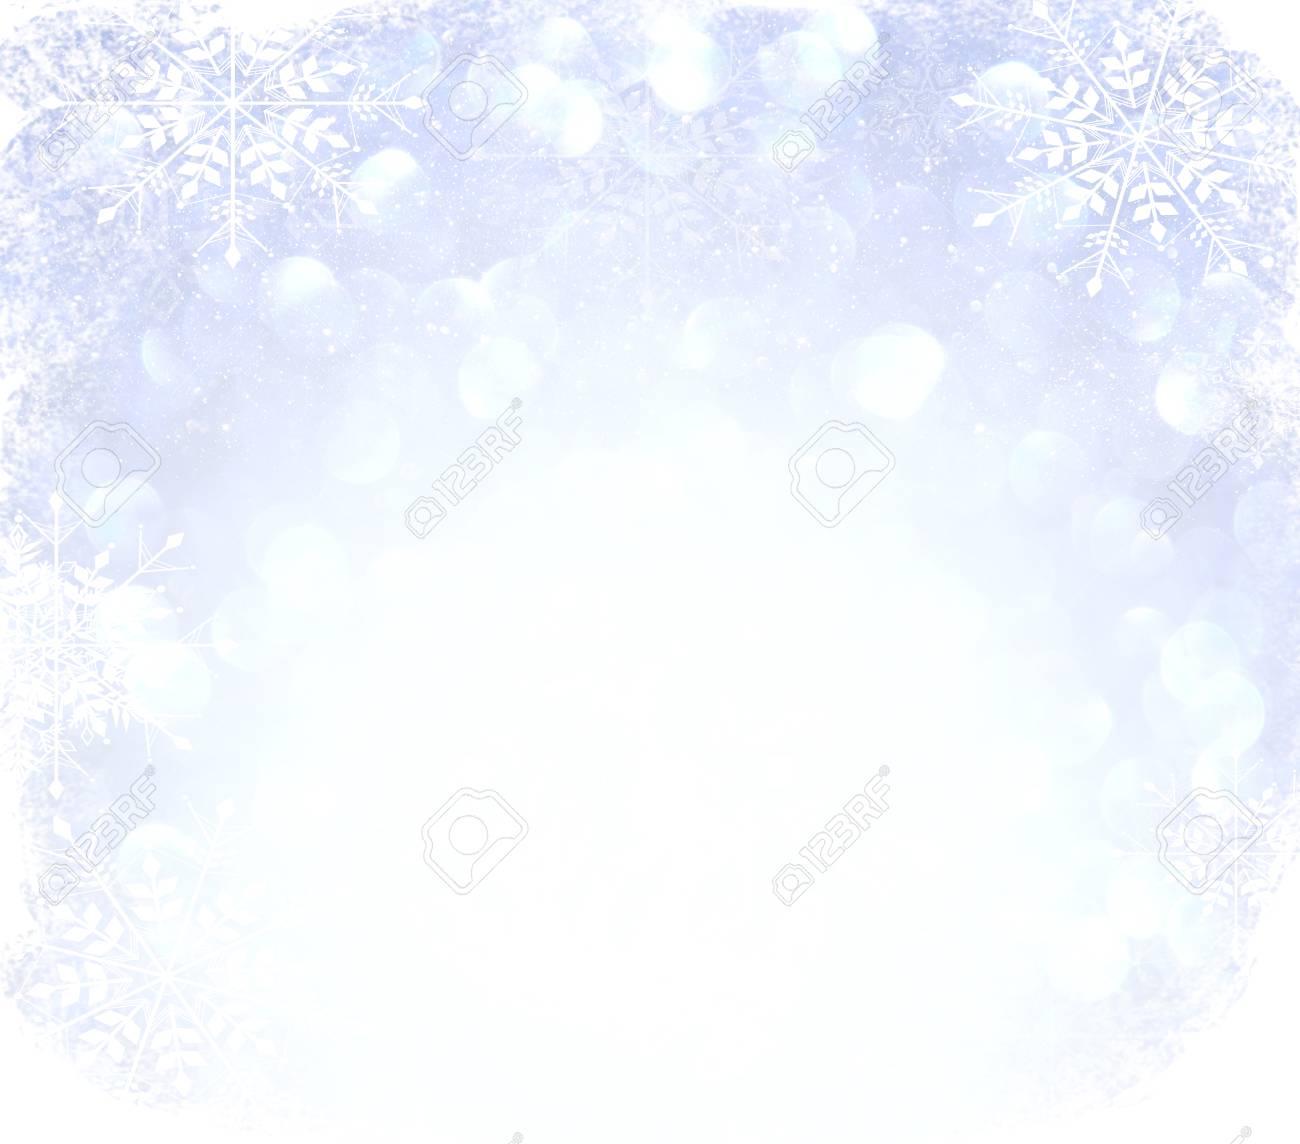 Immagini Stock Sfondo Di Luci Vintage Glitter Argento Azzurro E